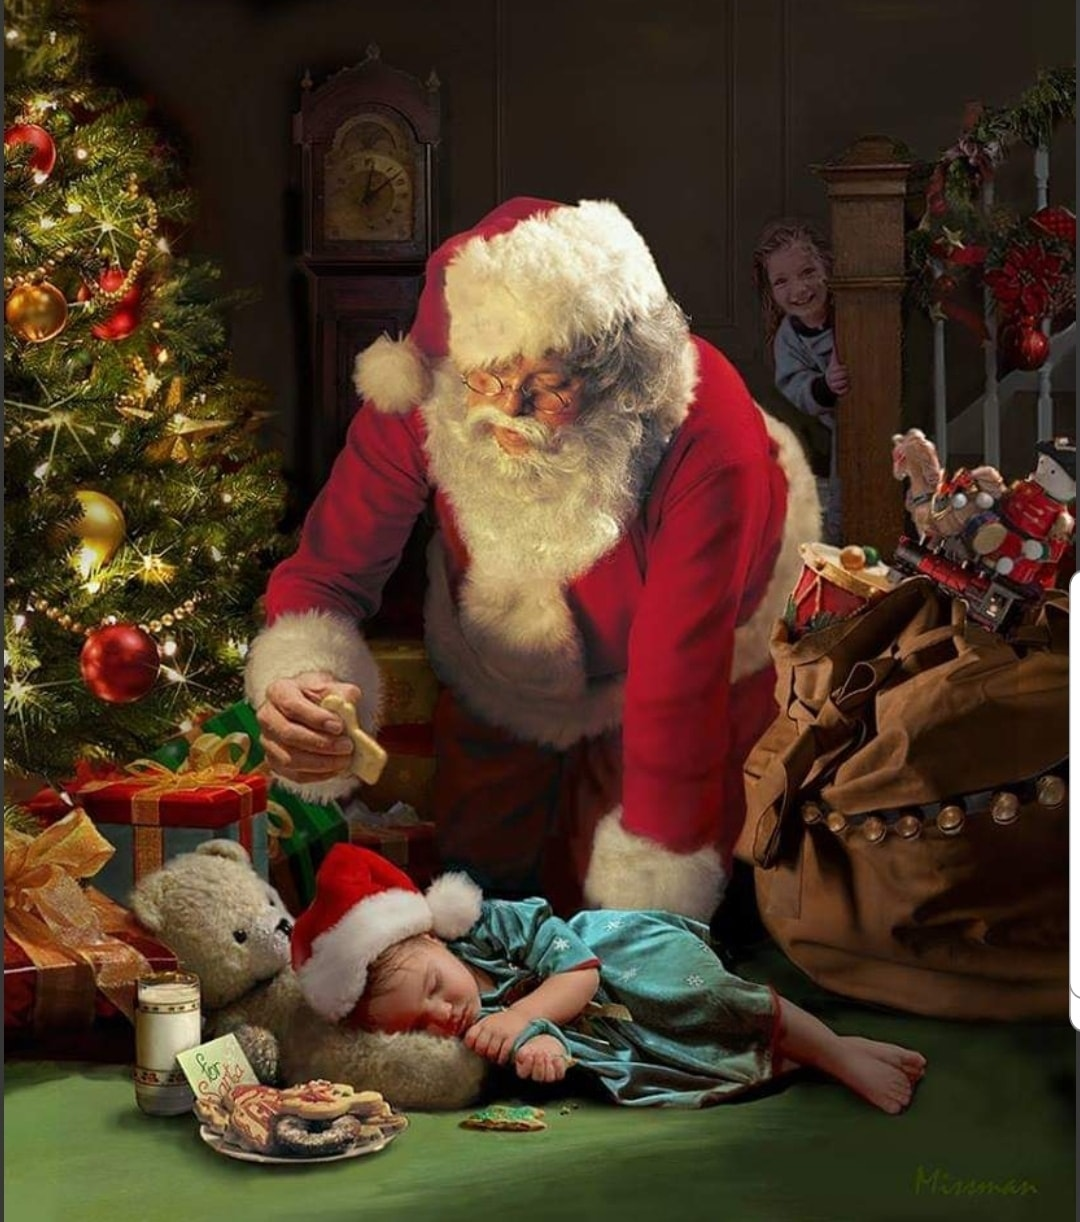 w świątecznym klimacie